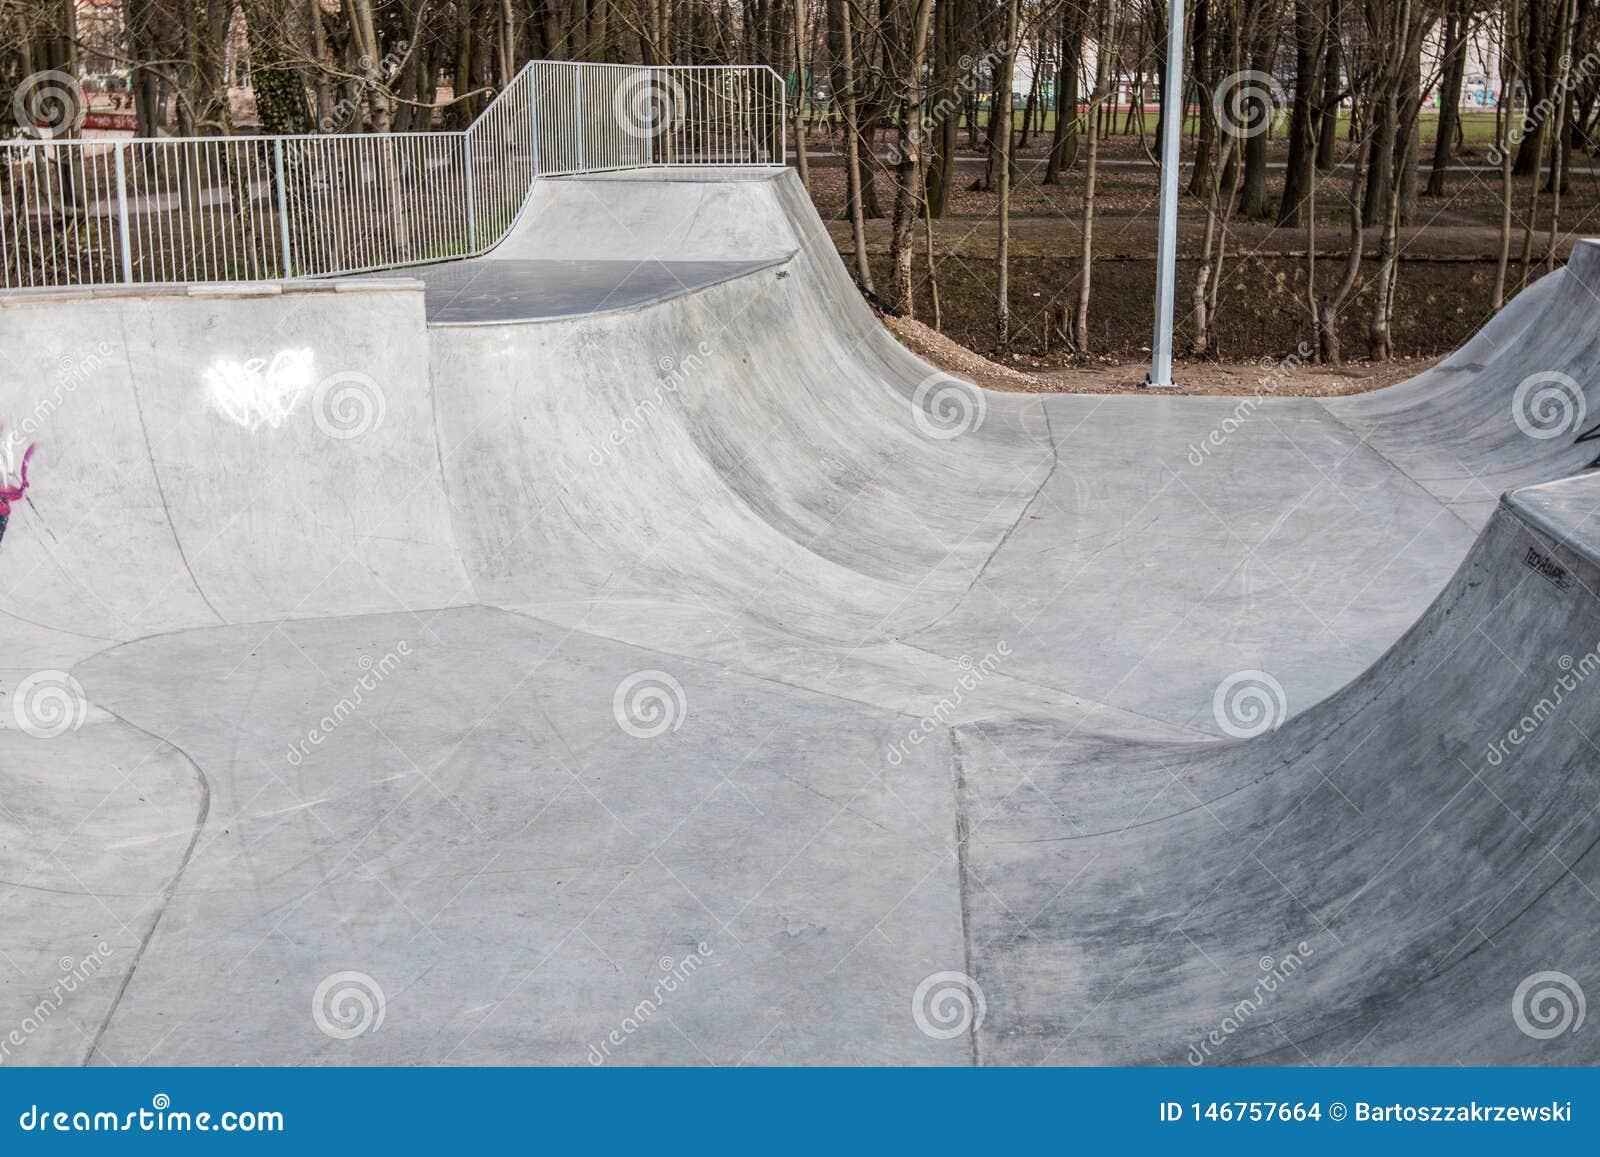 Skatepark fez de concreto com grafittis